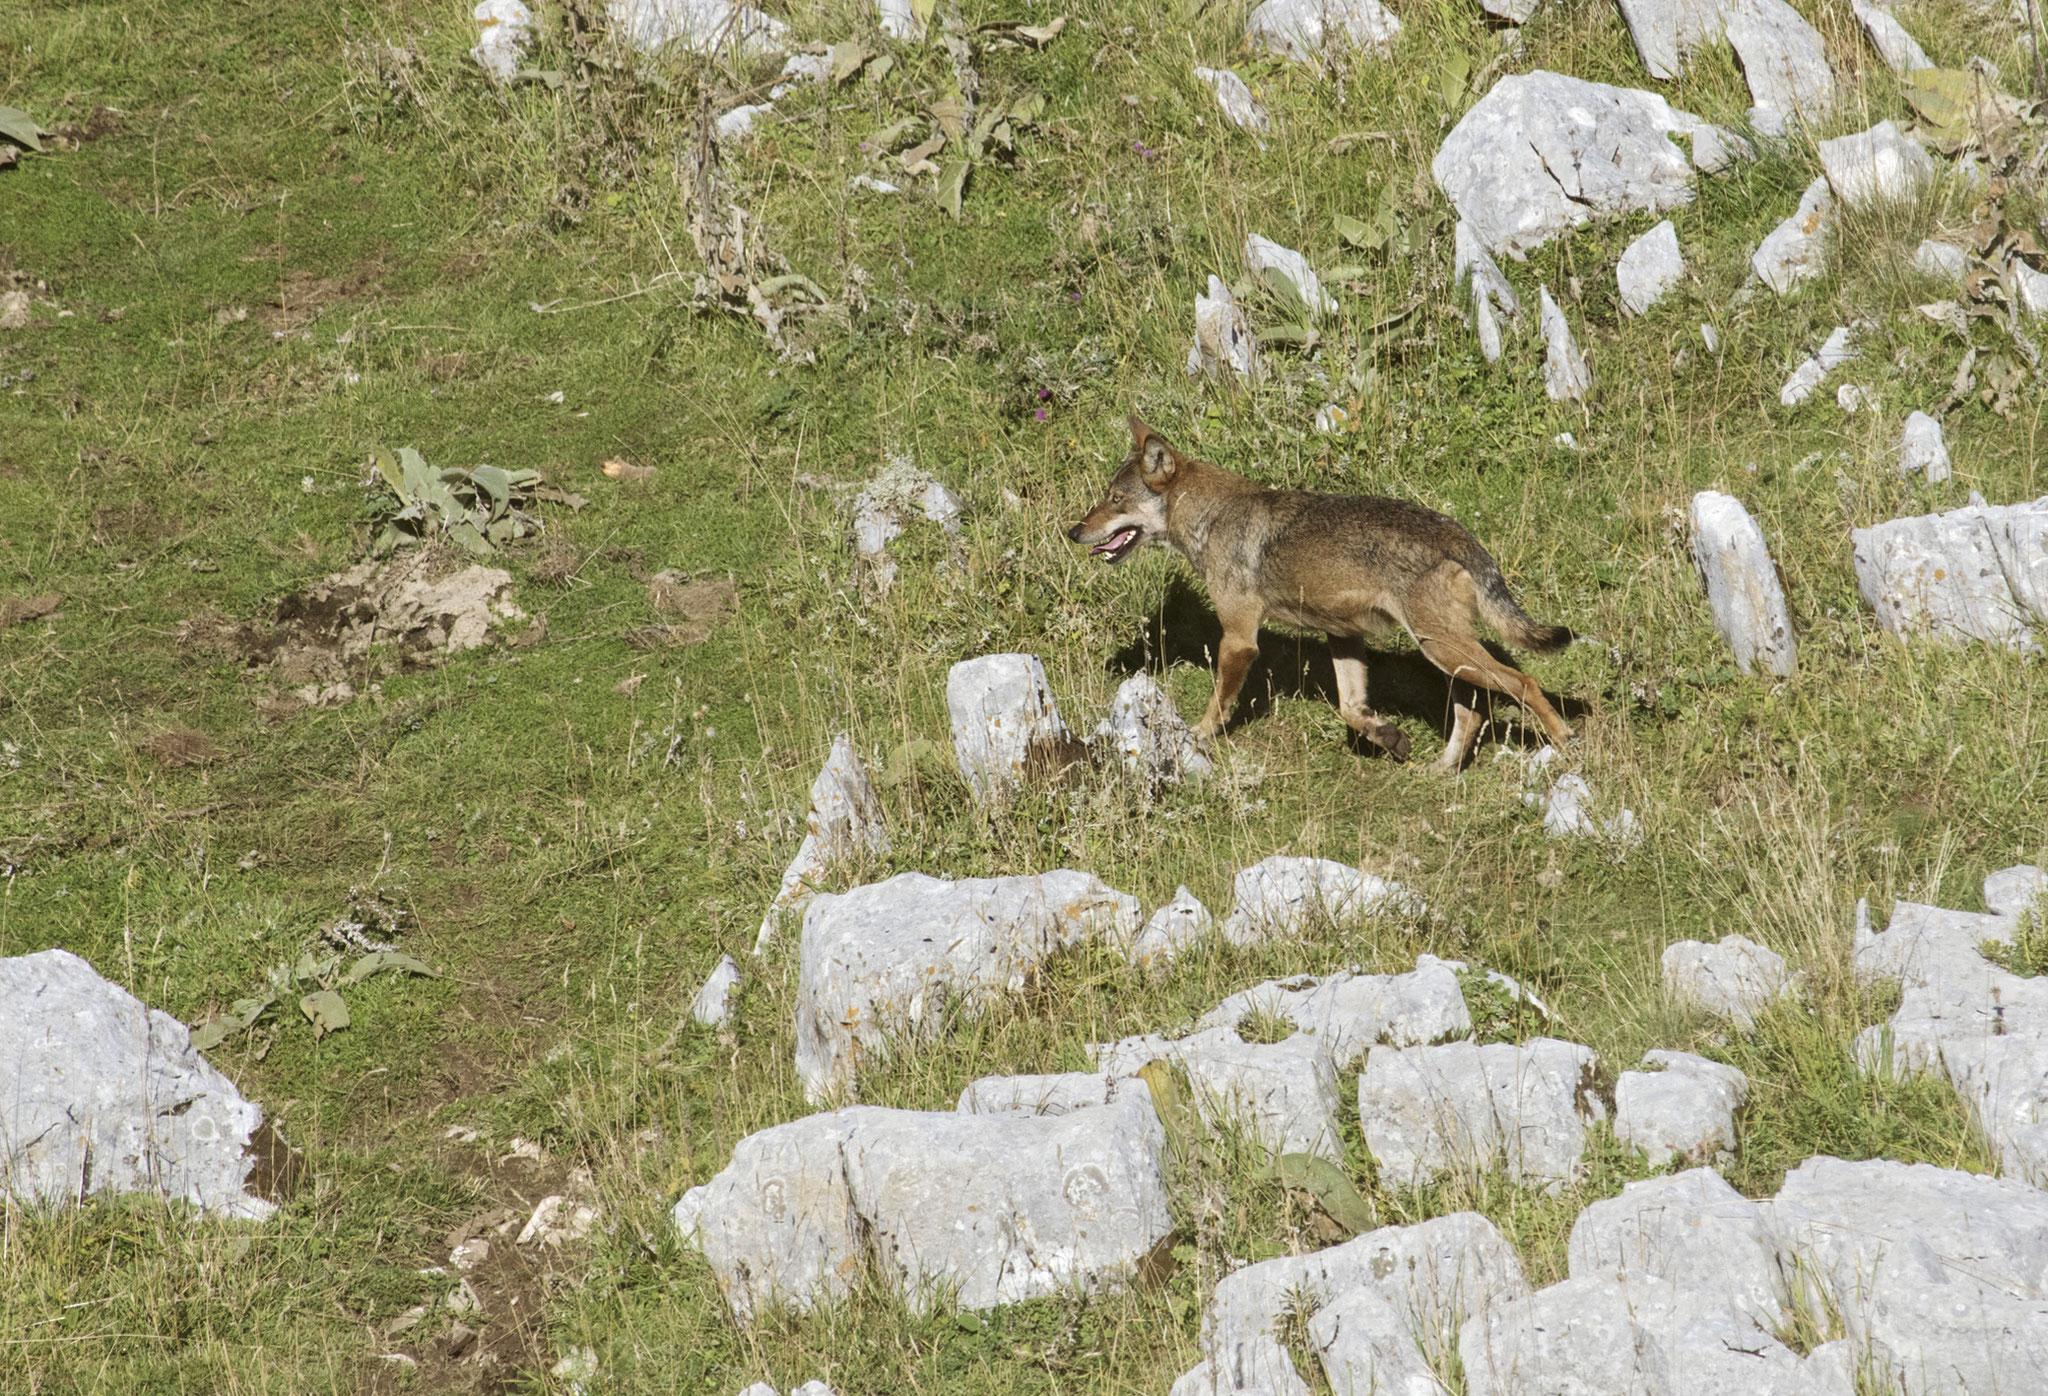 Un giovane lupo sorpreso a cacciare in pieno giorno in montagna